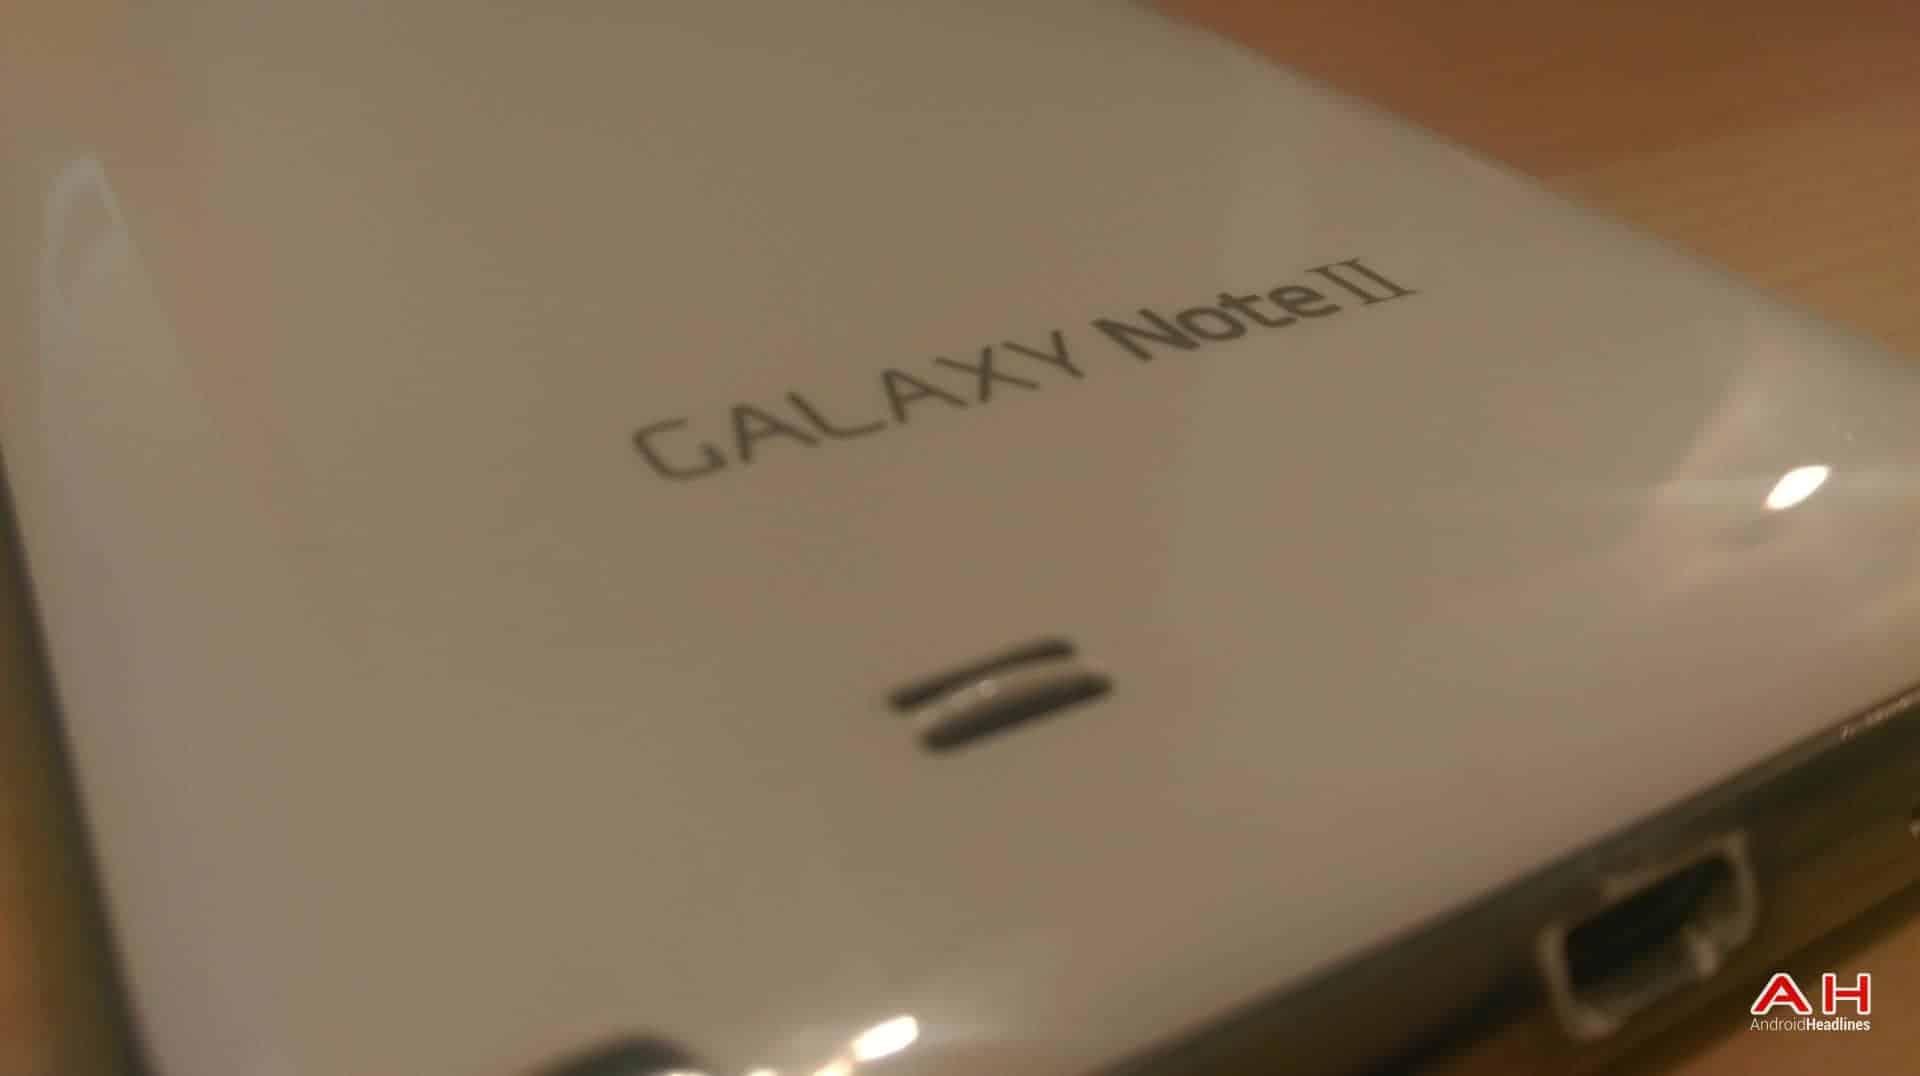 AH Galaxy Note II 4